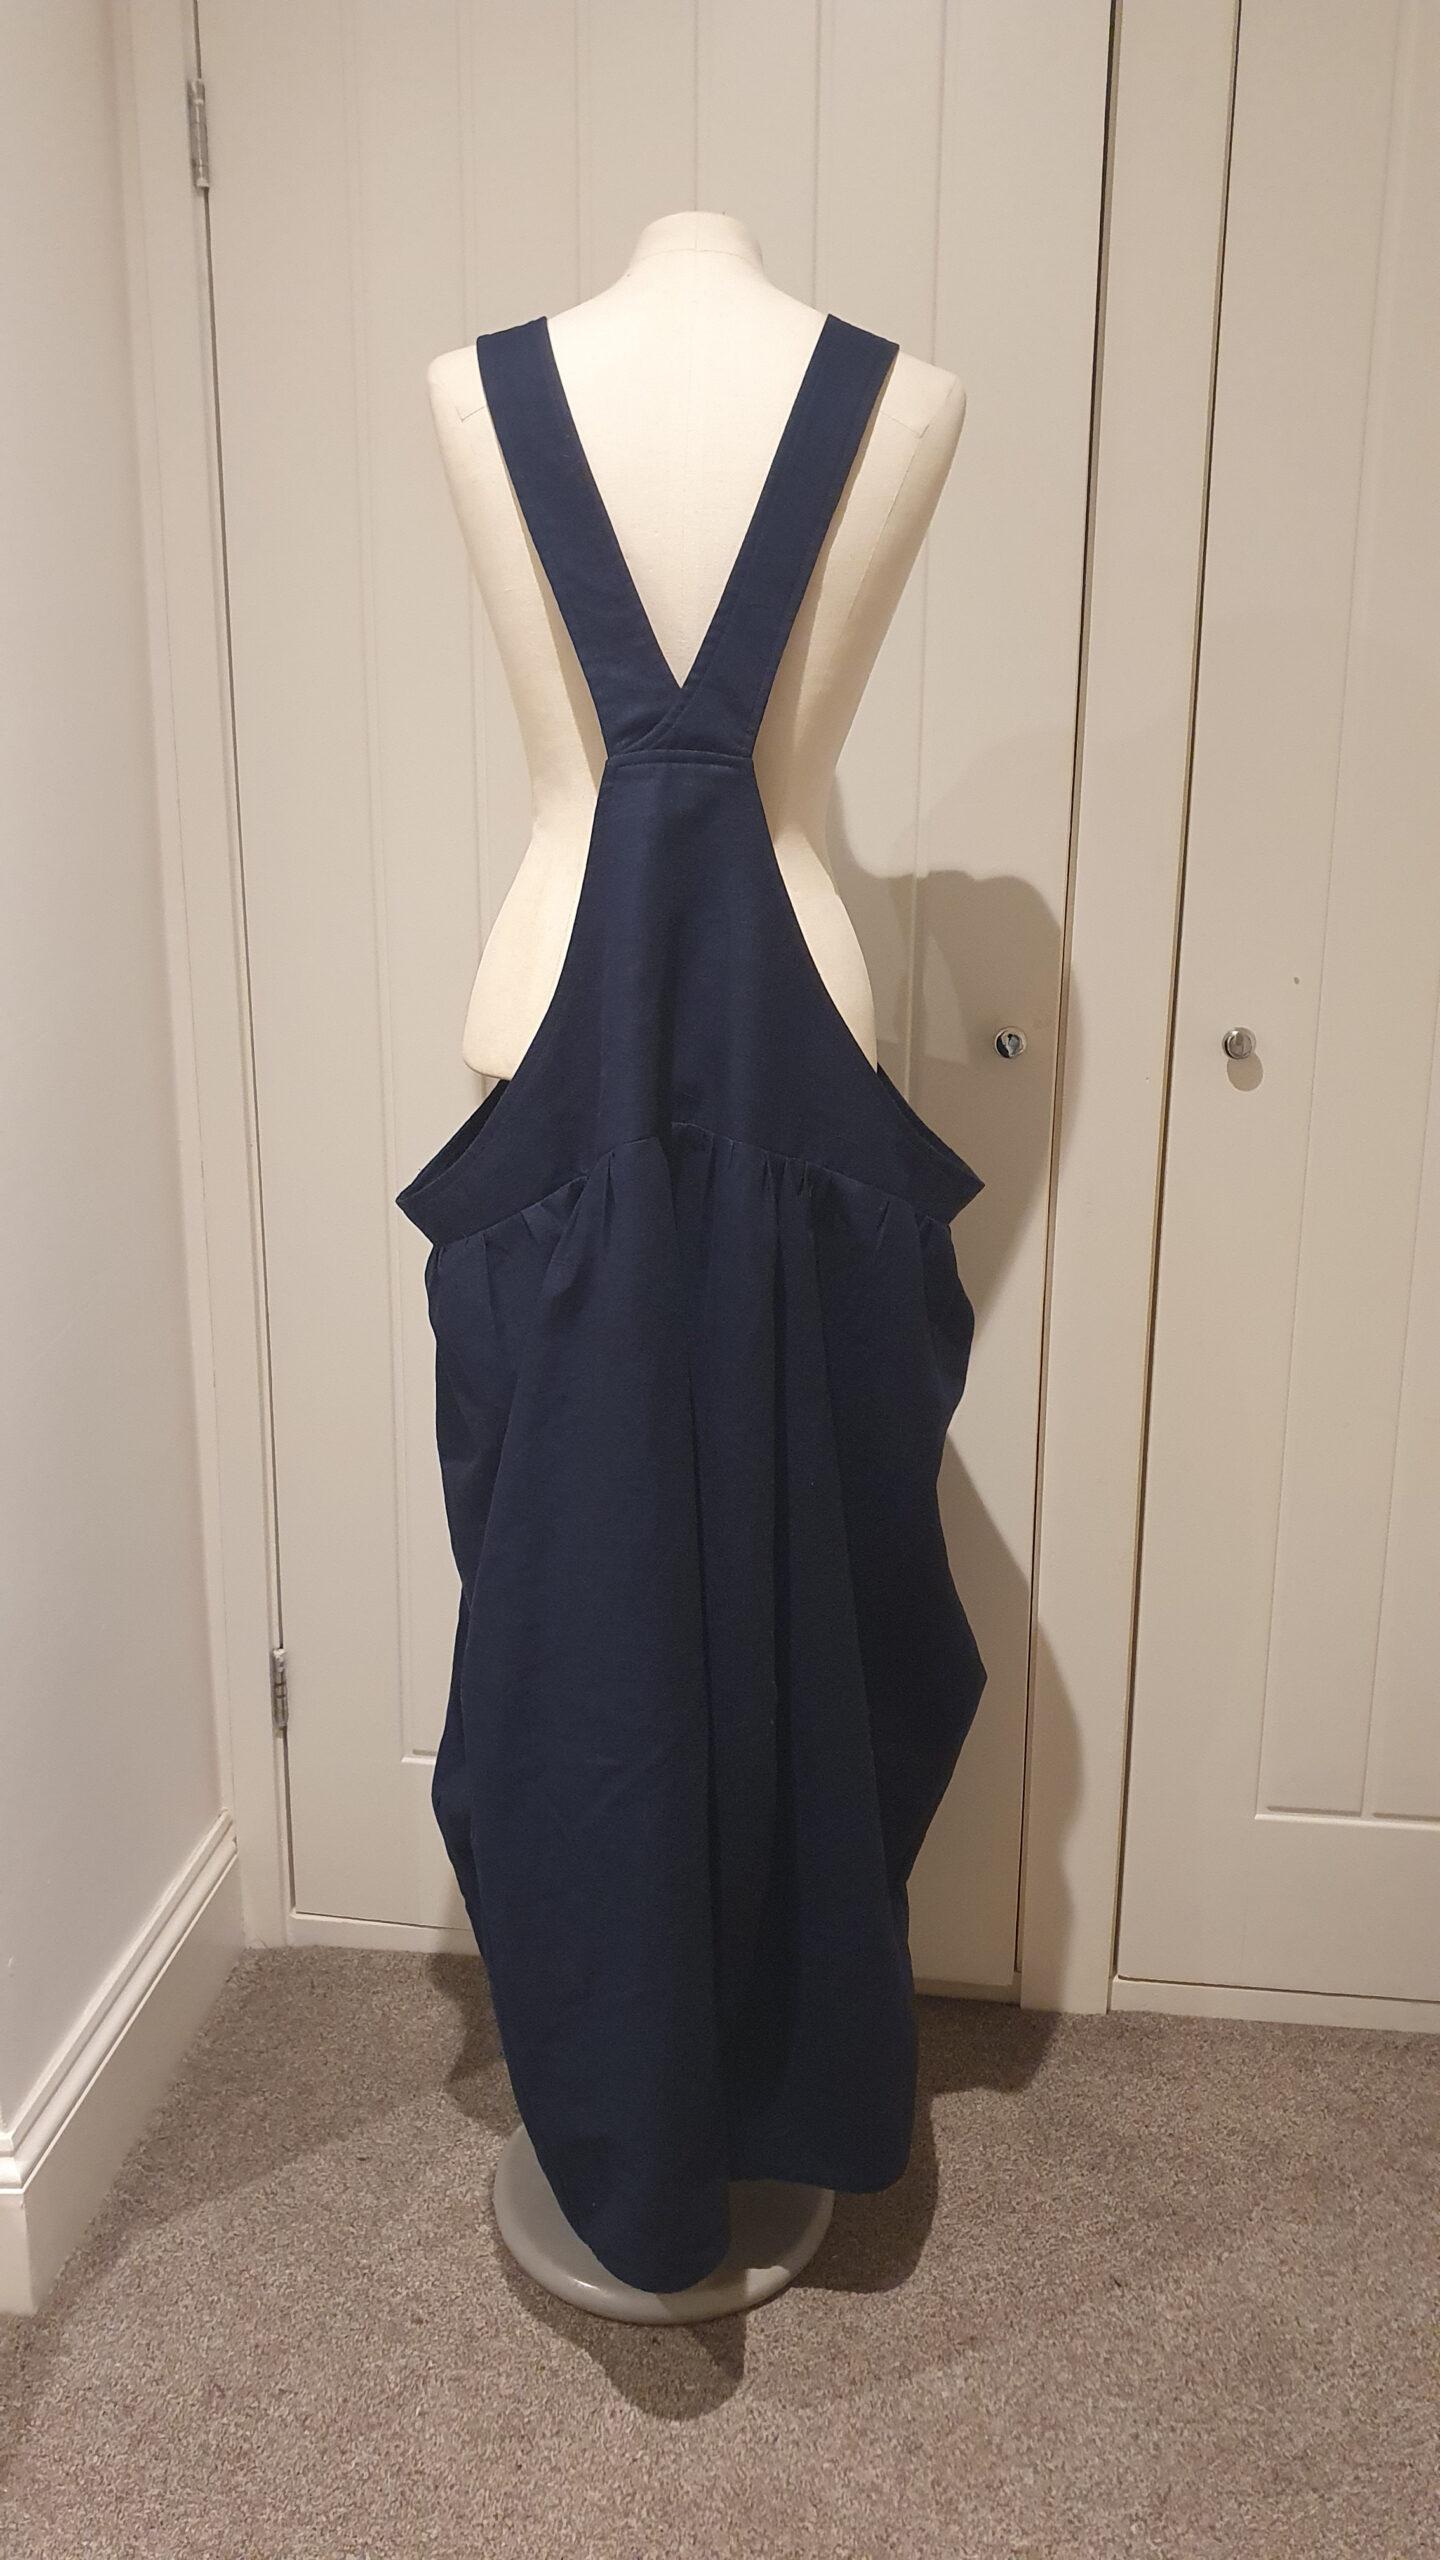 navy linen parachute skirt dungaree dress